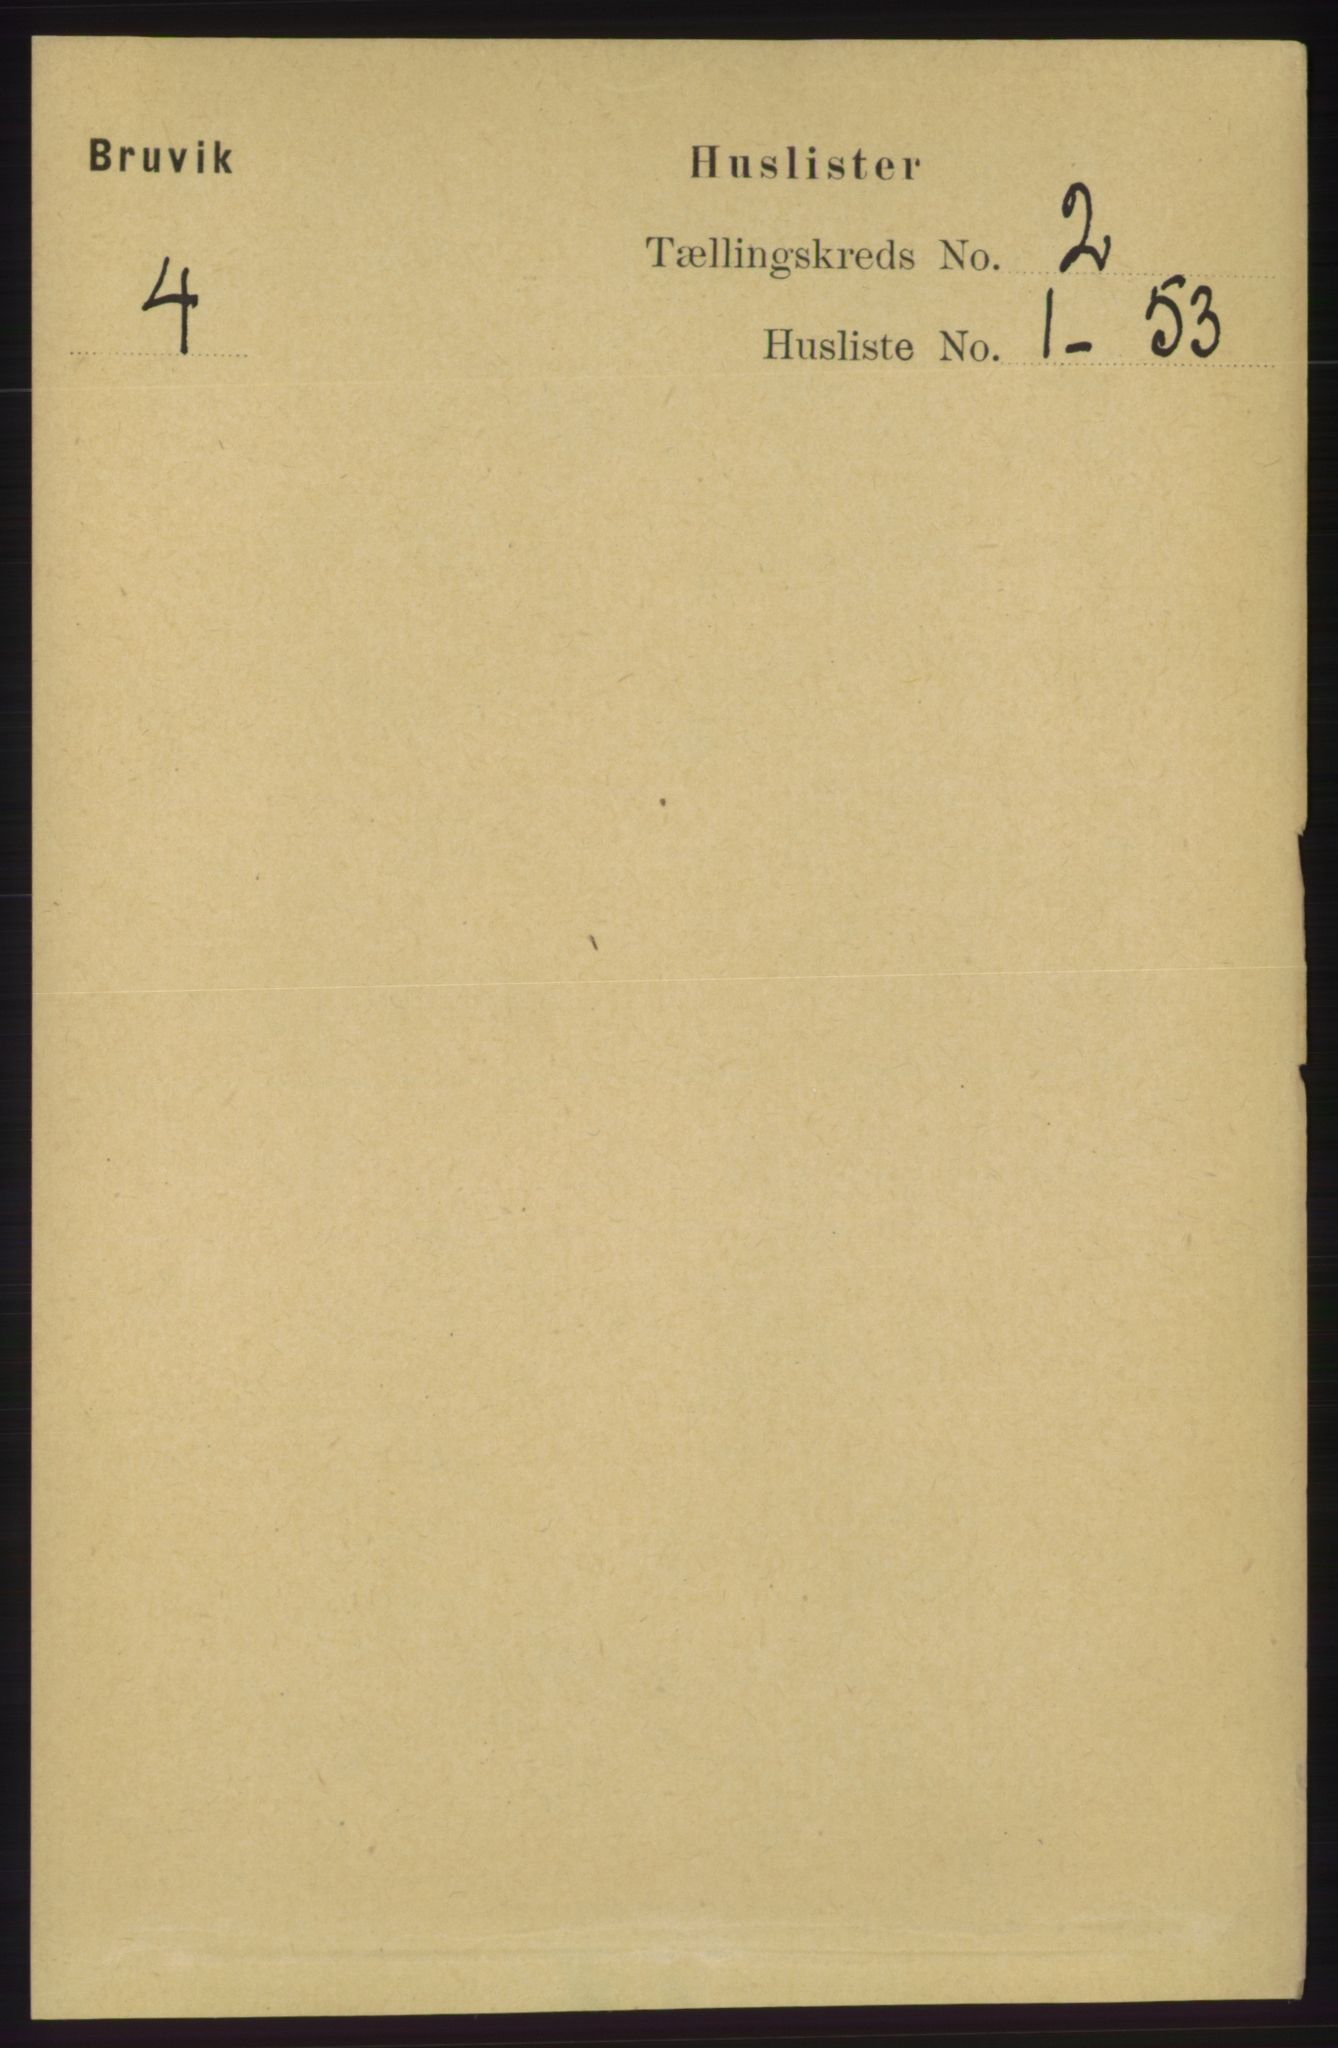 RA, Folketelling 1891 for 1251 Bruvik herred, 1891, s. 379